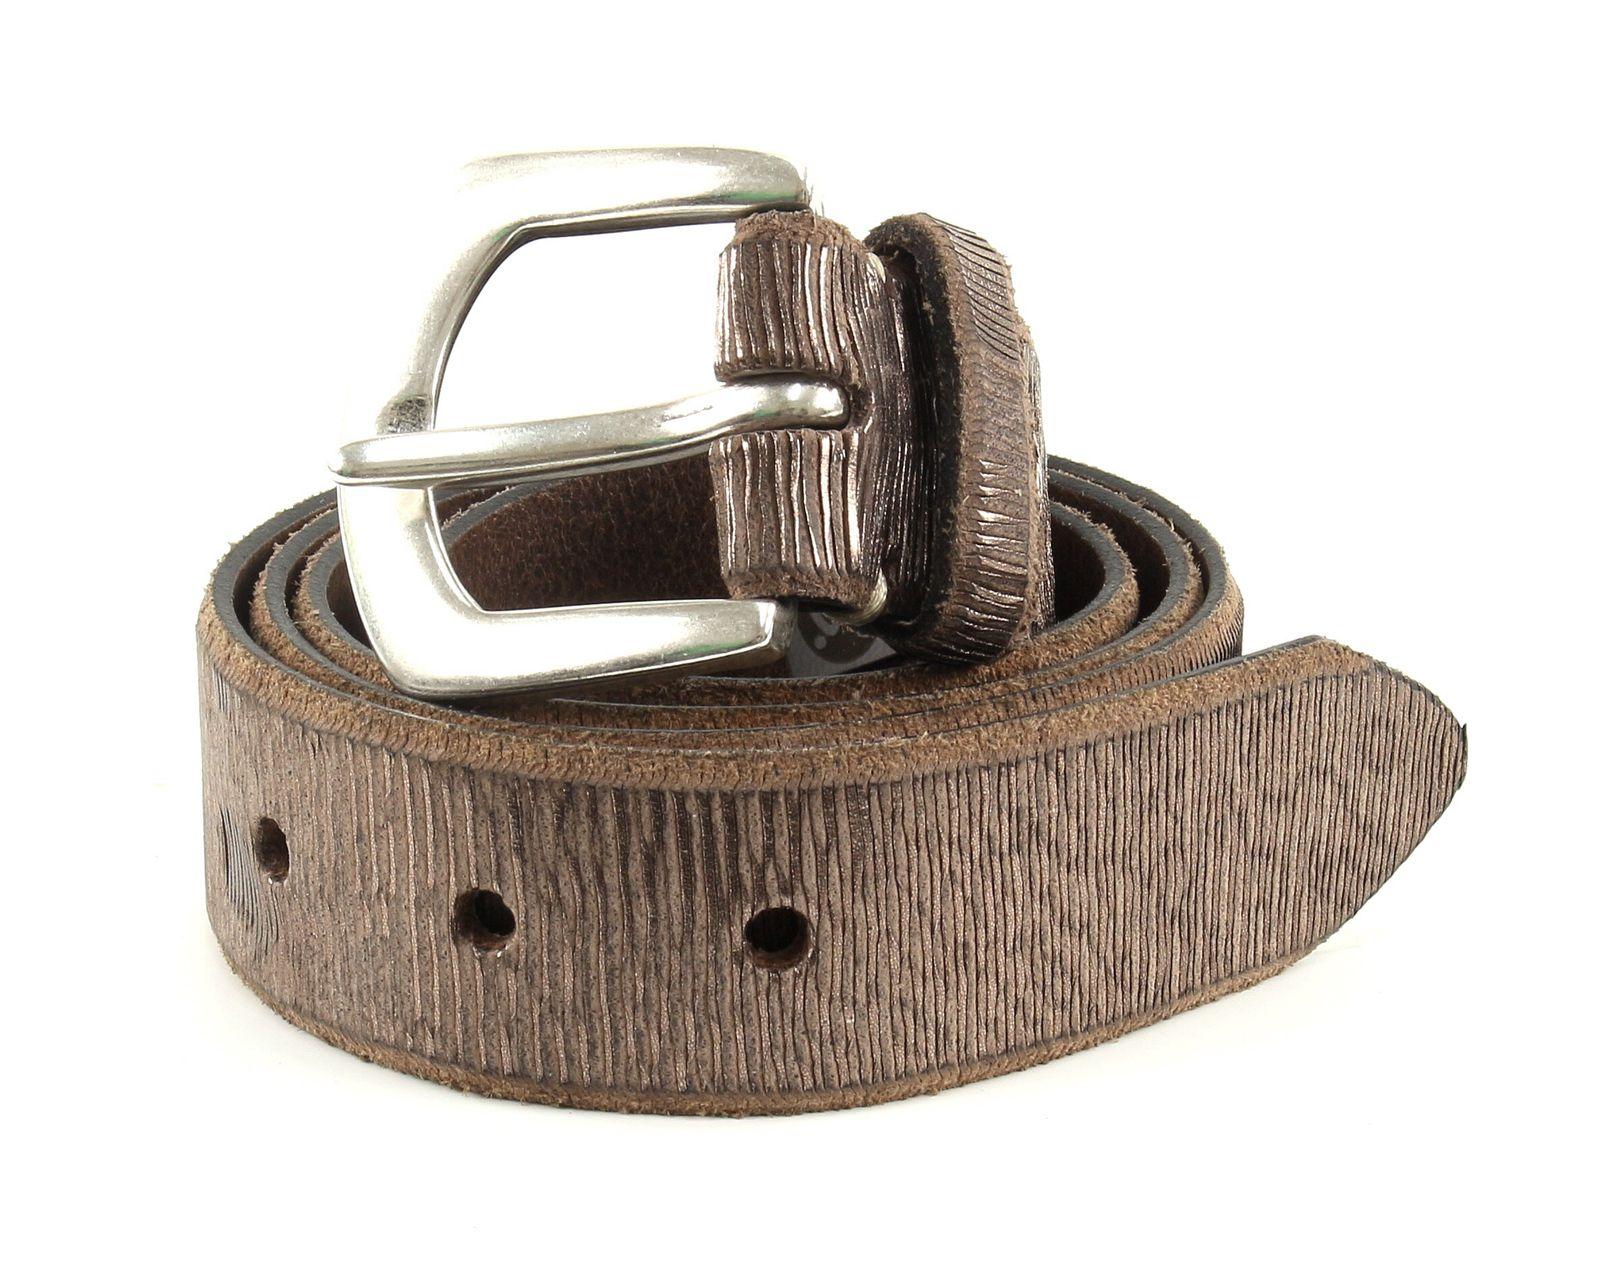 lederg rtel w95 g rtel accessoire taupe kupfer. Black Bedroom Furniture Sets. Home Design Ideas